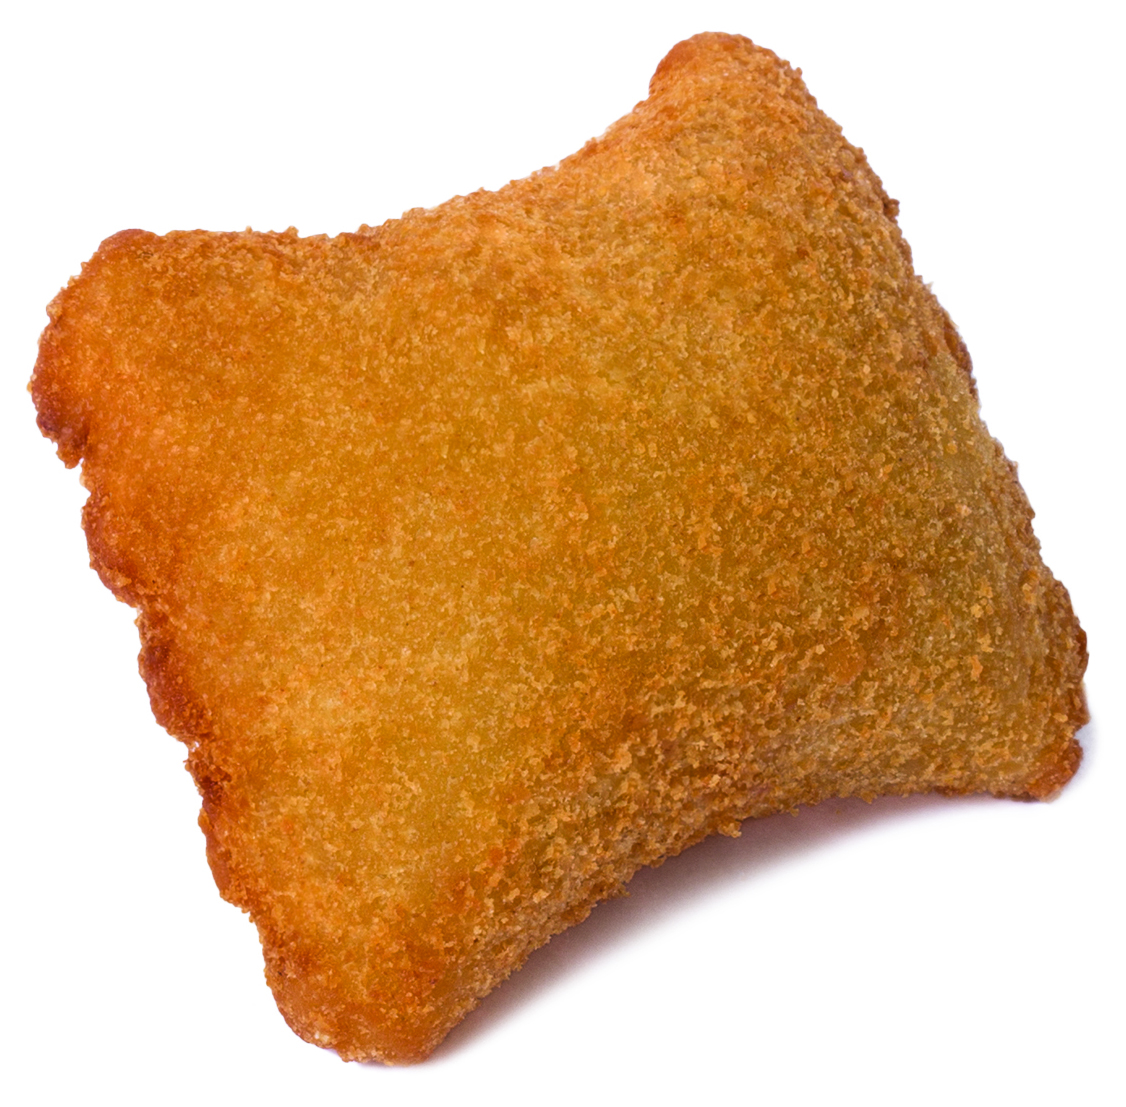 Coquetel - Fritos Coquetel (fritos) - Travesseiro de Frango